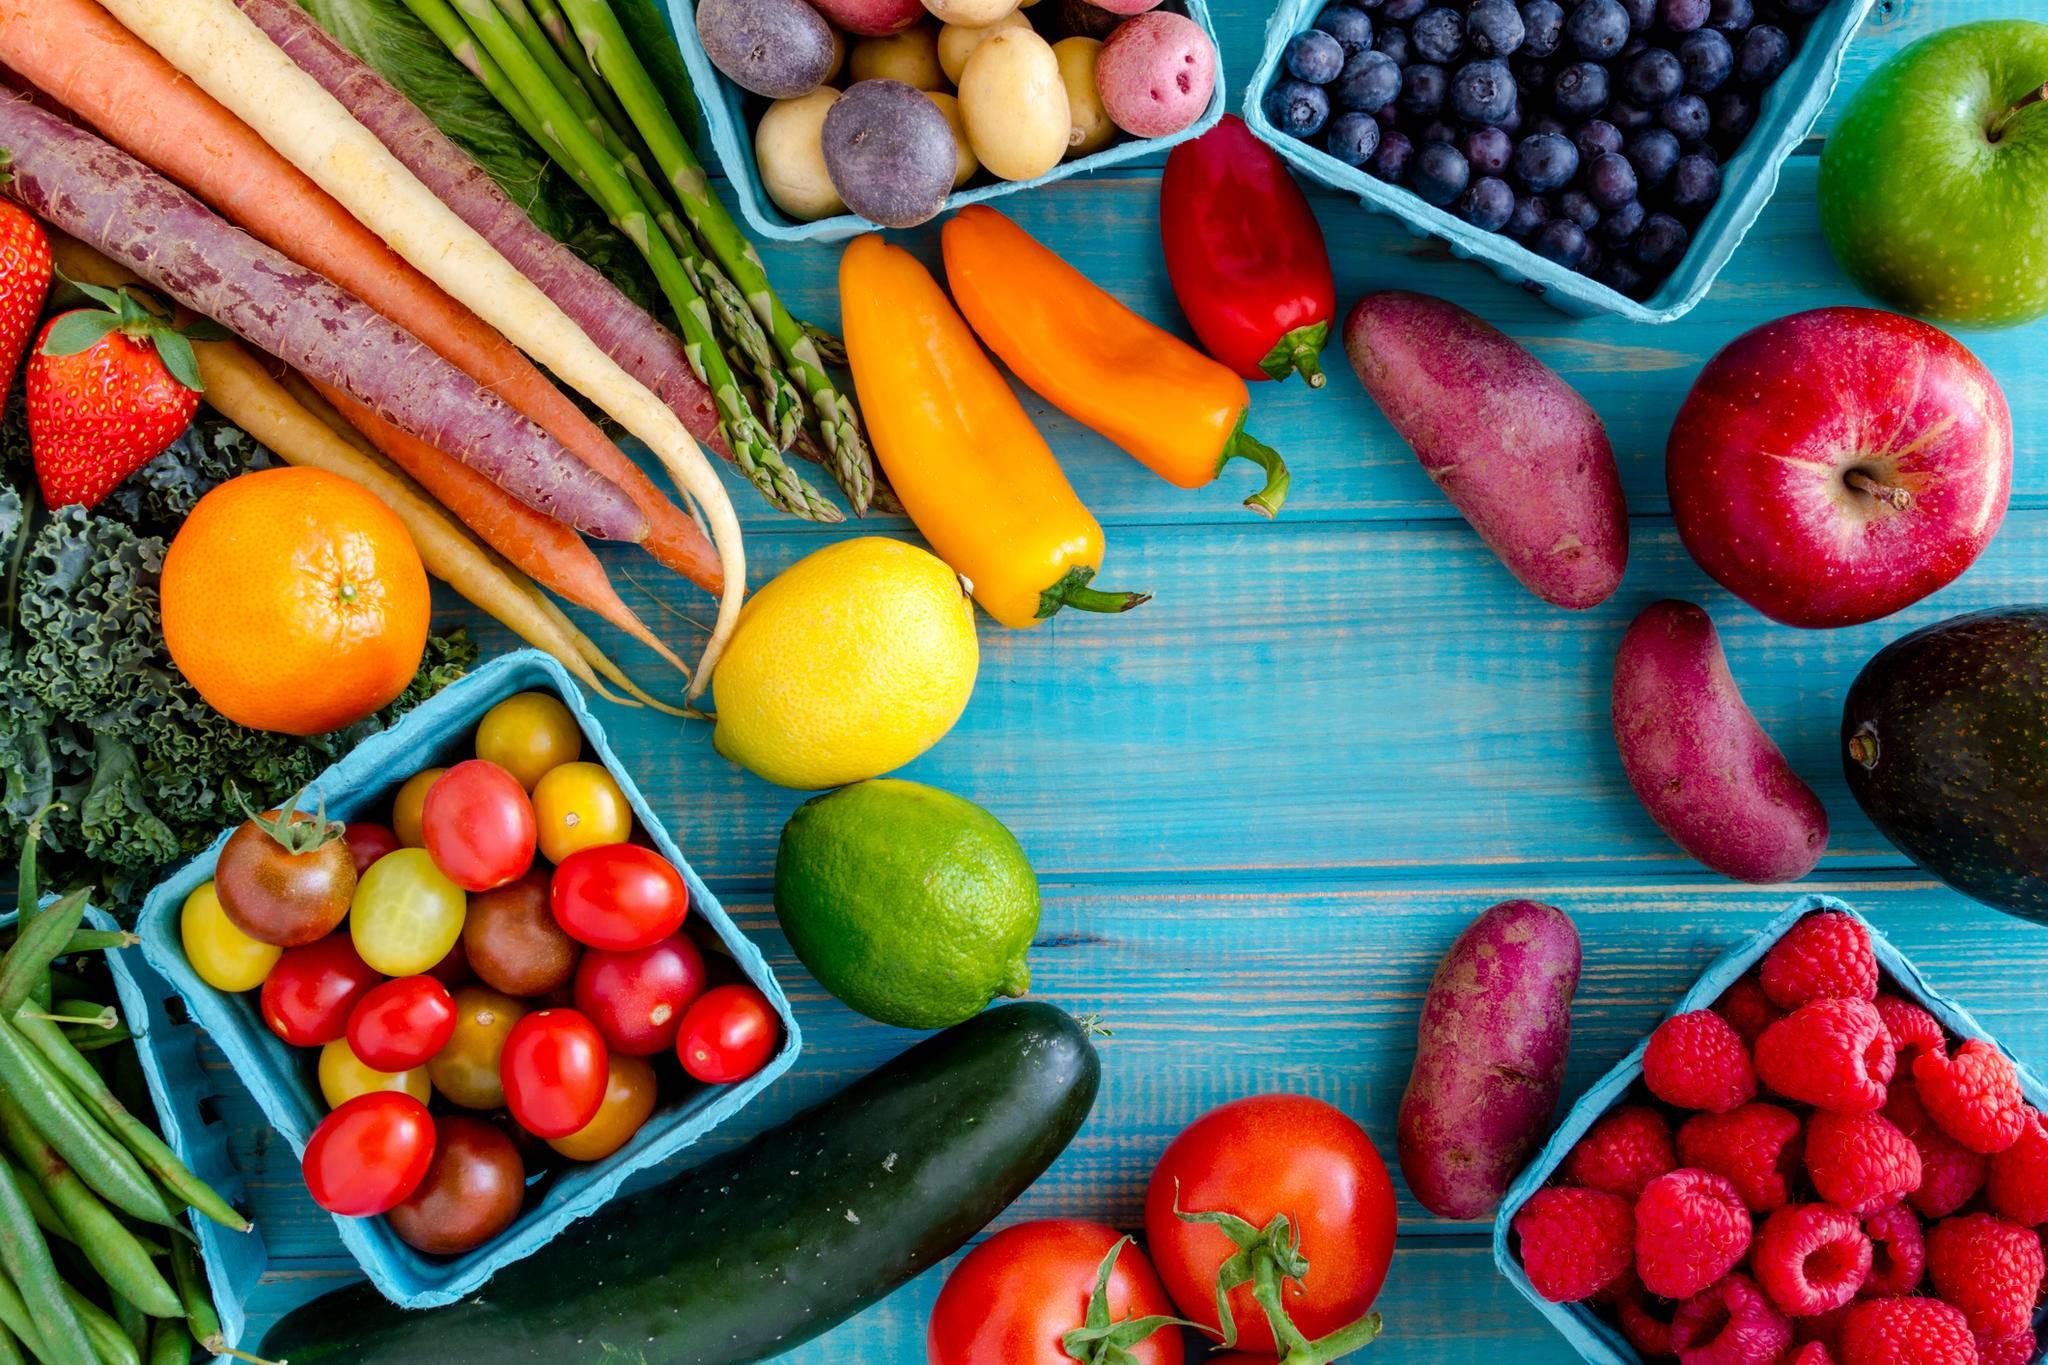 Frisches Obst und Gemüse sind optimal als Snack zwischendurch.